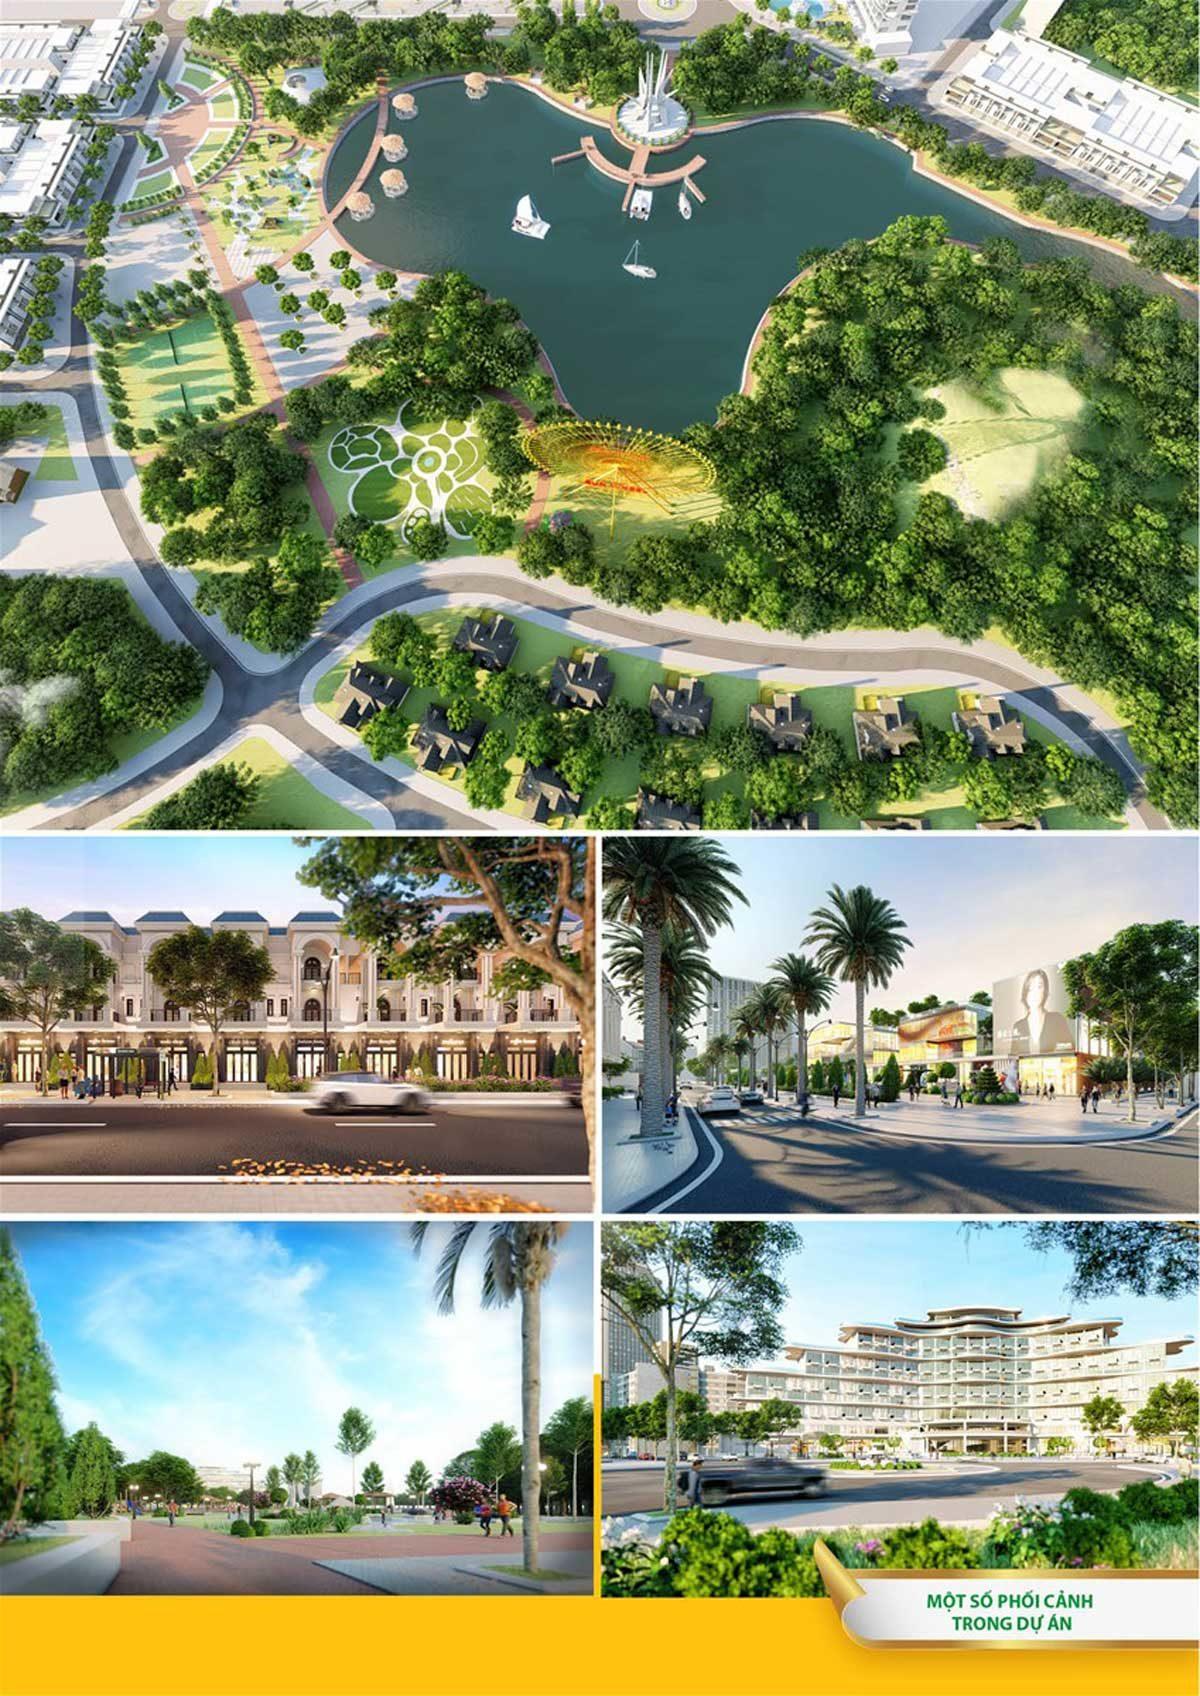 Tiện ích khu công viên Dự án Khu đô thị Phú Mỹ Quảng Ngãi